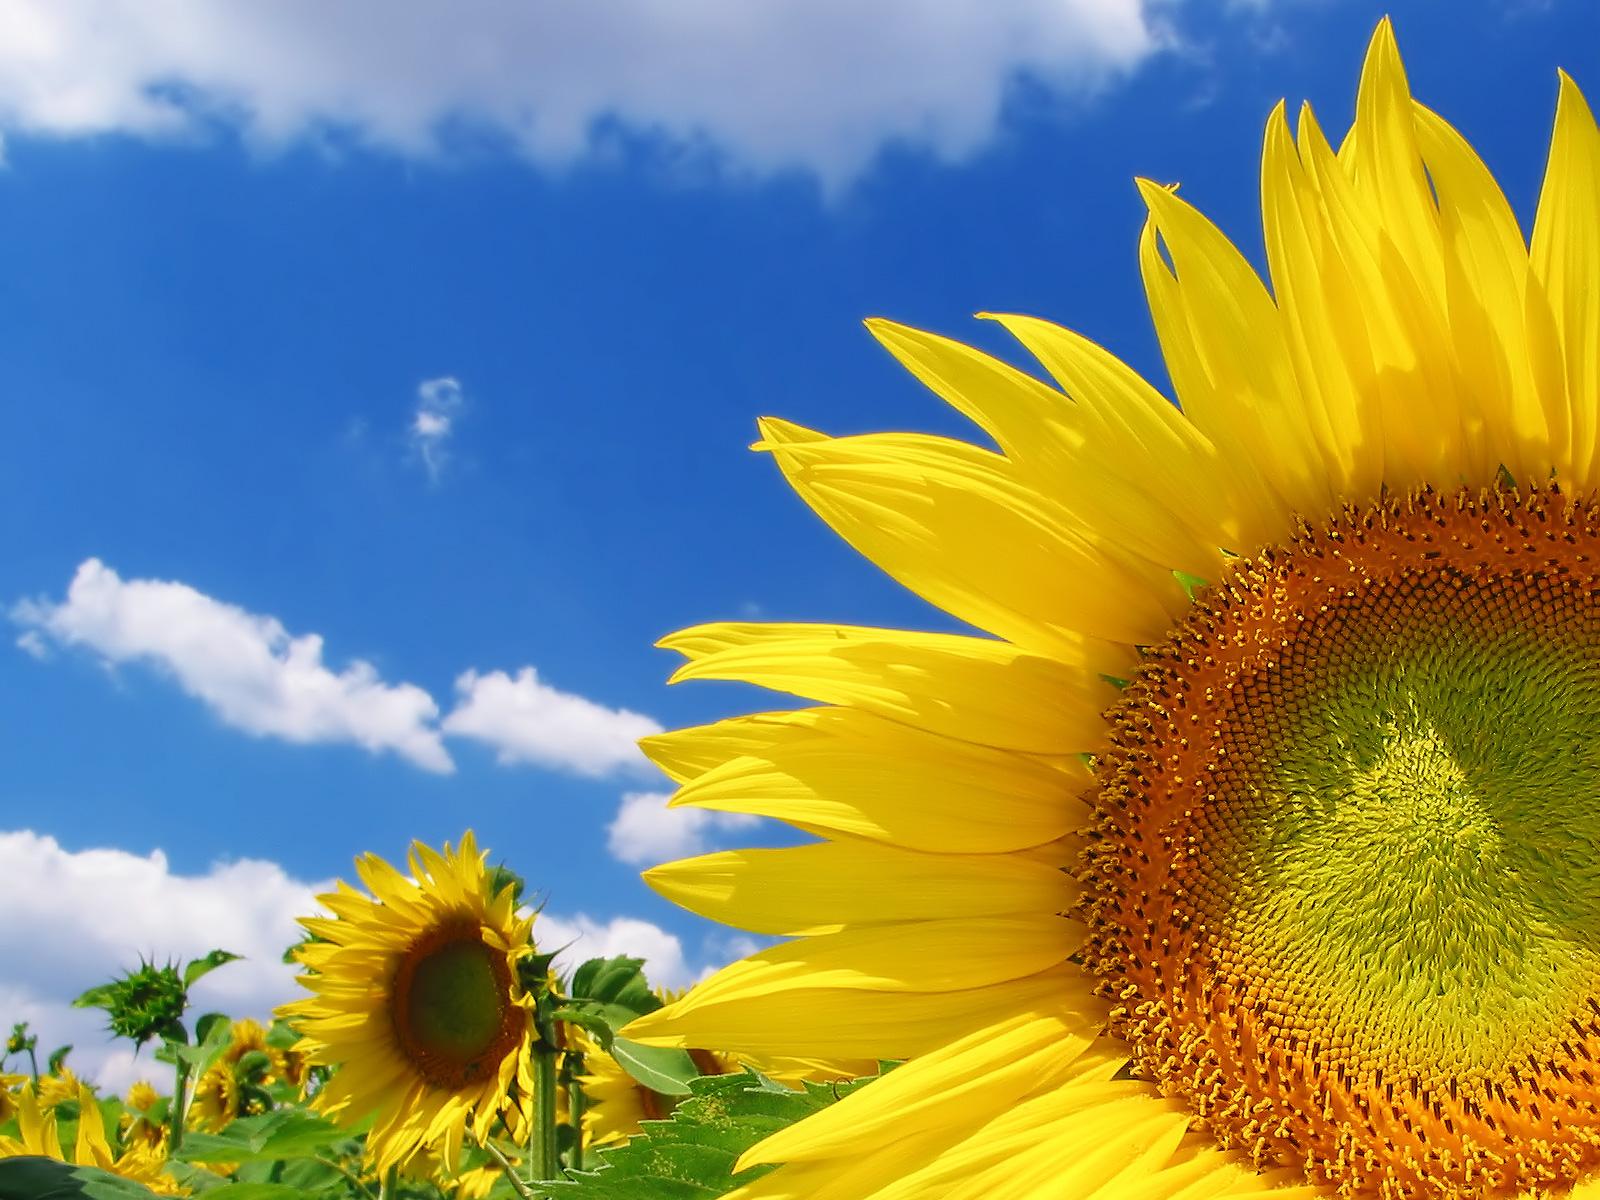 http://1.bp.blogspot.com/-HoOXLAdh-mg/TishZrVWWBI/AAAAAAAACNw/3uRmmvBXIdY/s1600/sunflower%2Bwallpaper%2Bhd%2B2.jpg